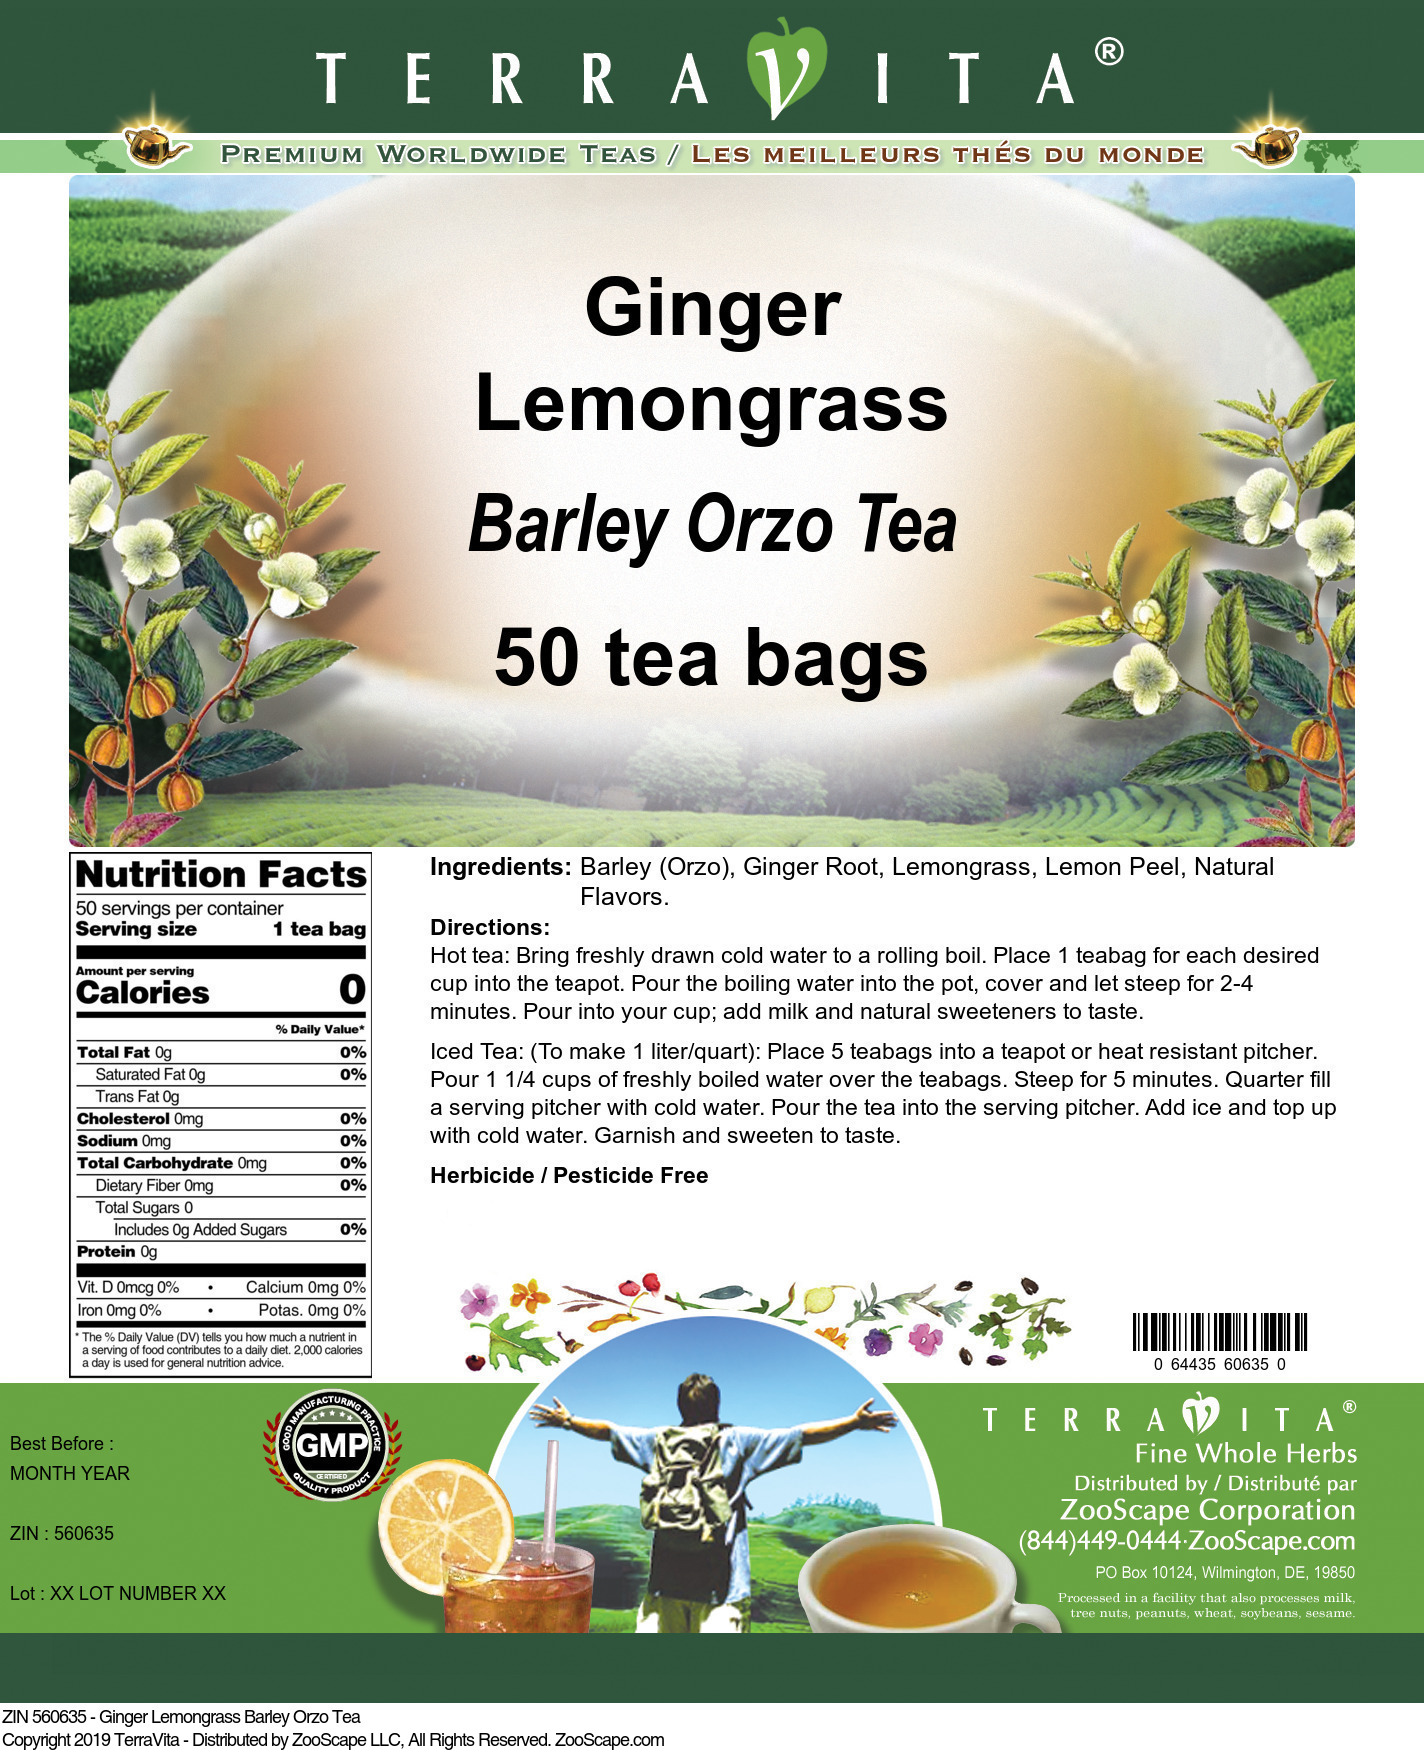 Ginger Lemongrass Barley Orzo Tea